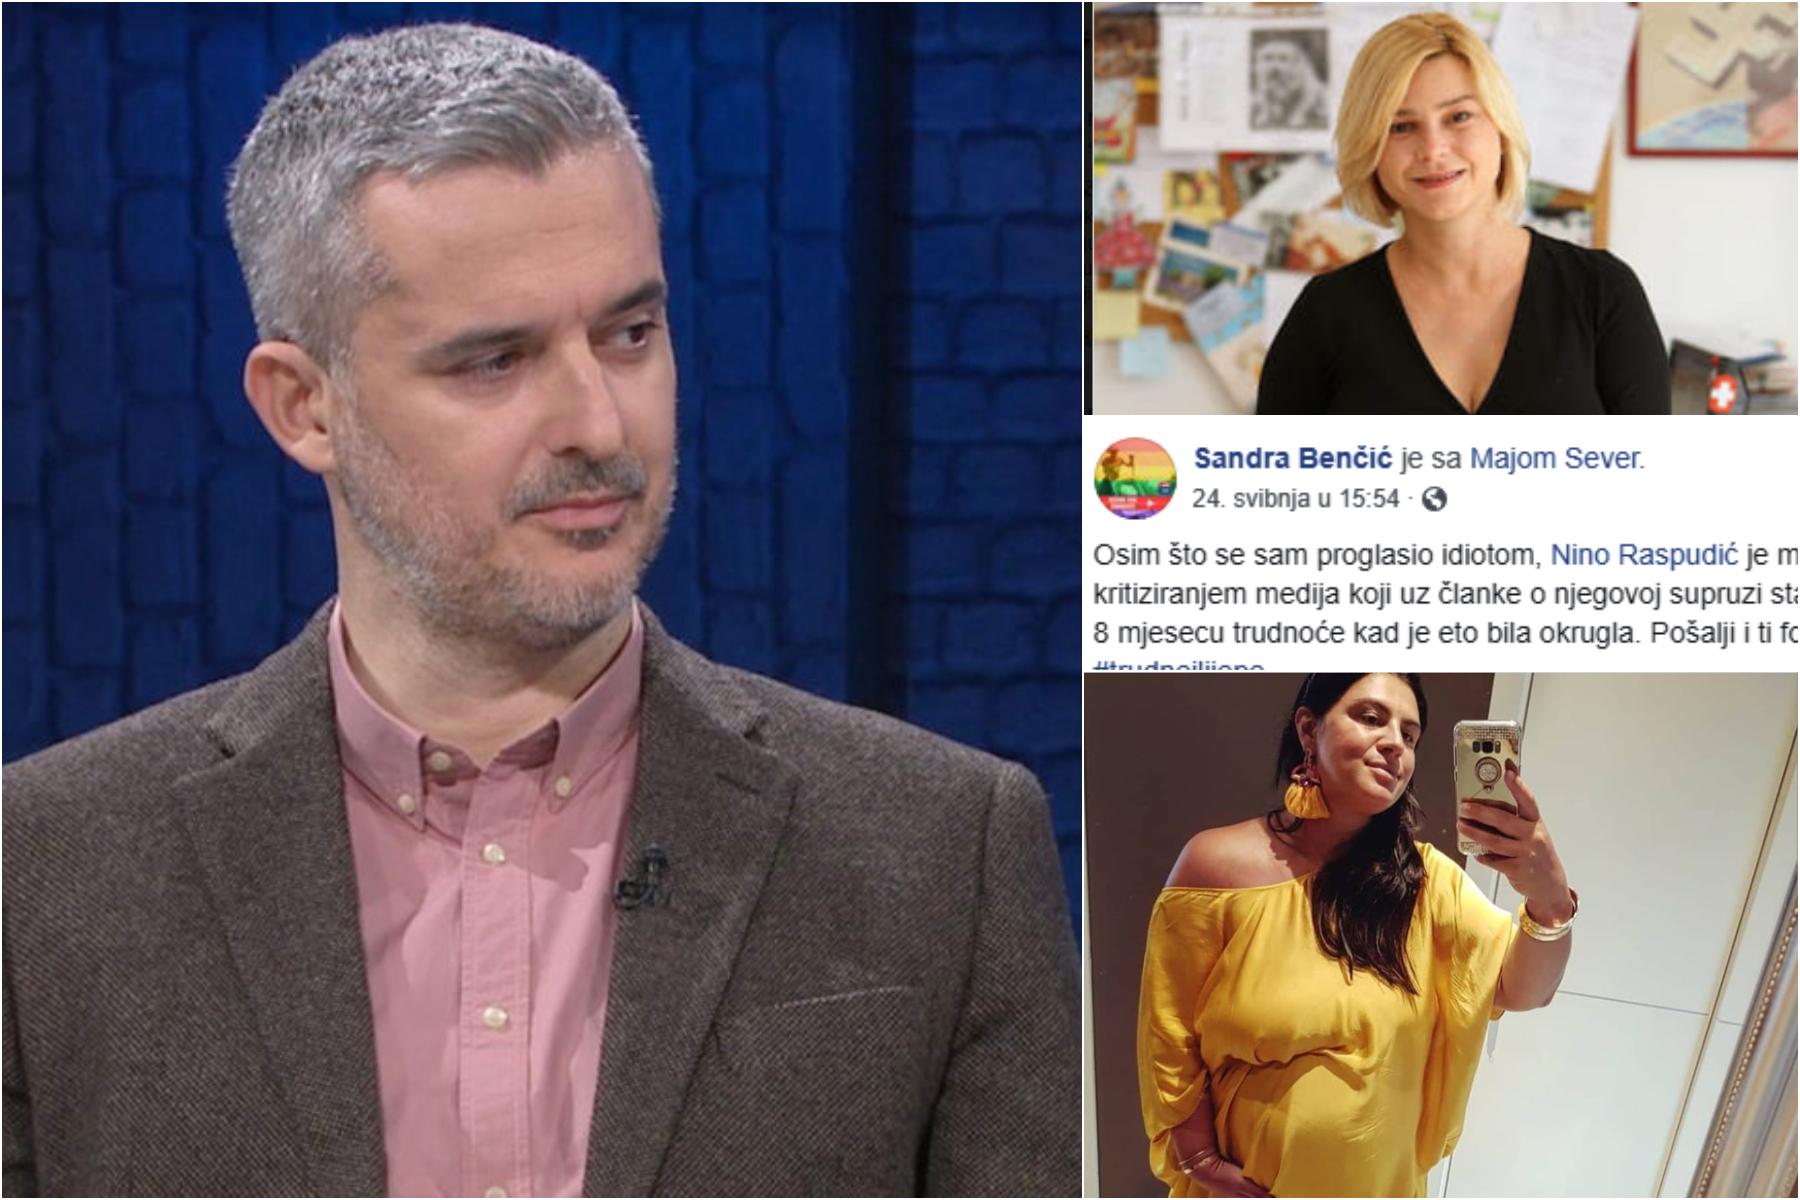 Željka Markić: 'Raspudić je jednim nastupom postigao da ljevičarke slave trudnoću!'